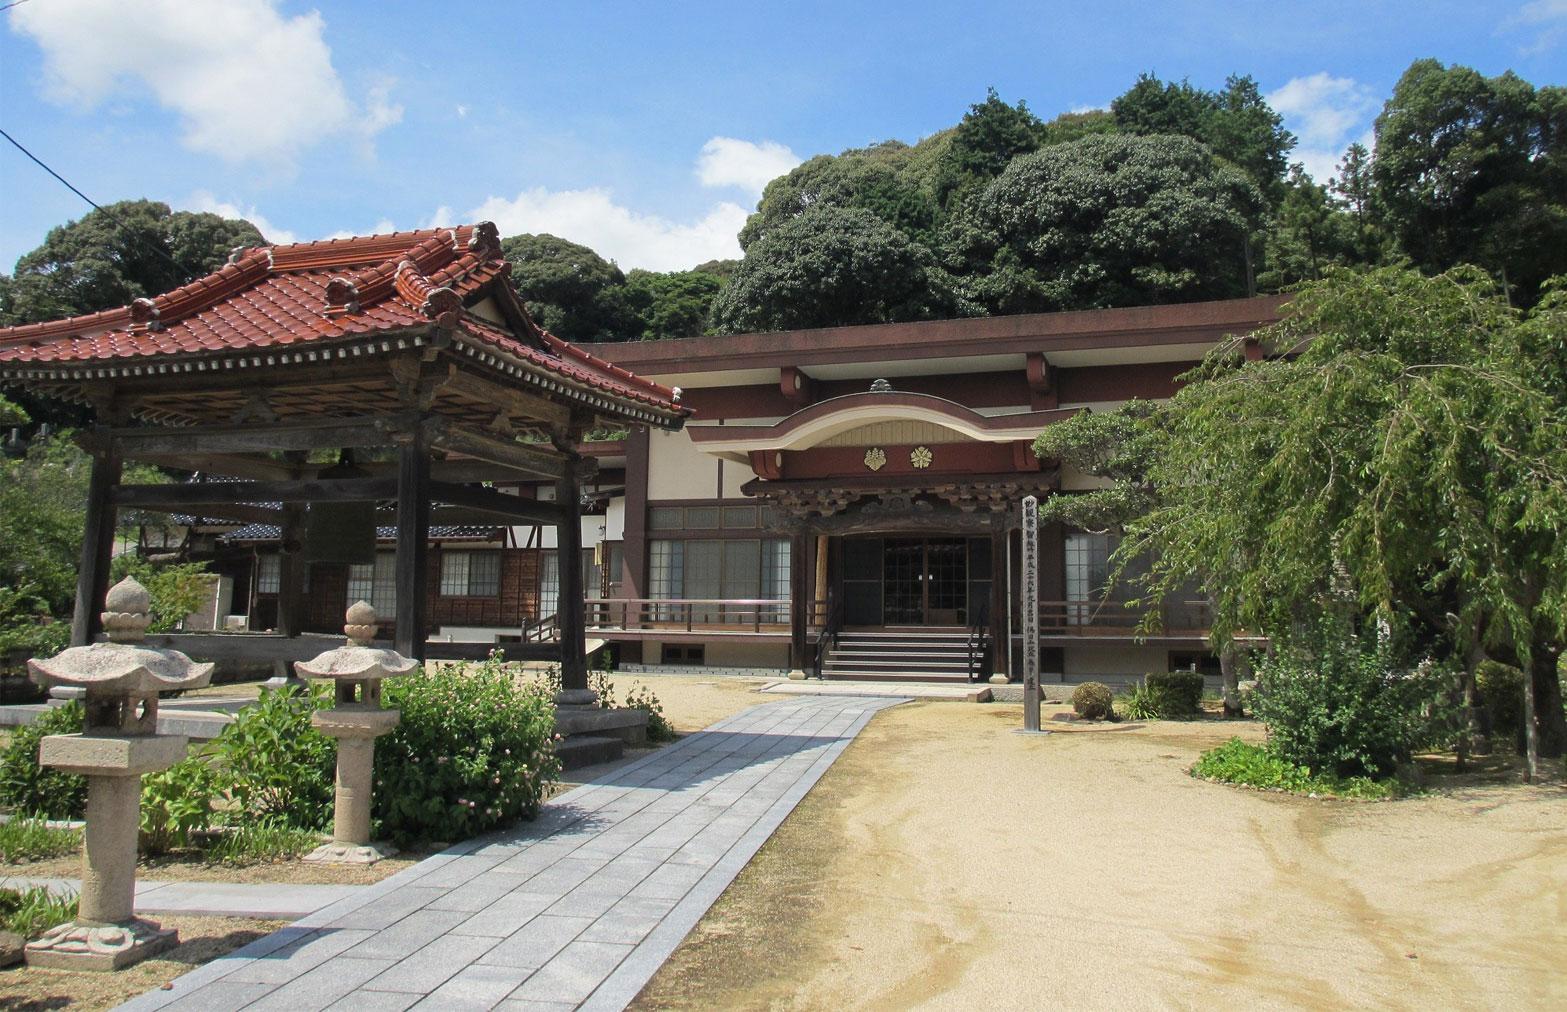 第30番霊場(覚天寺)